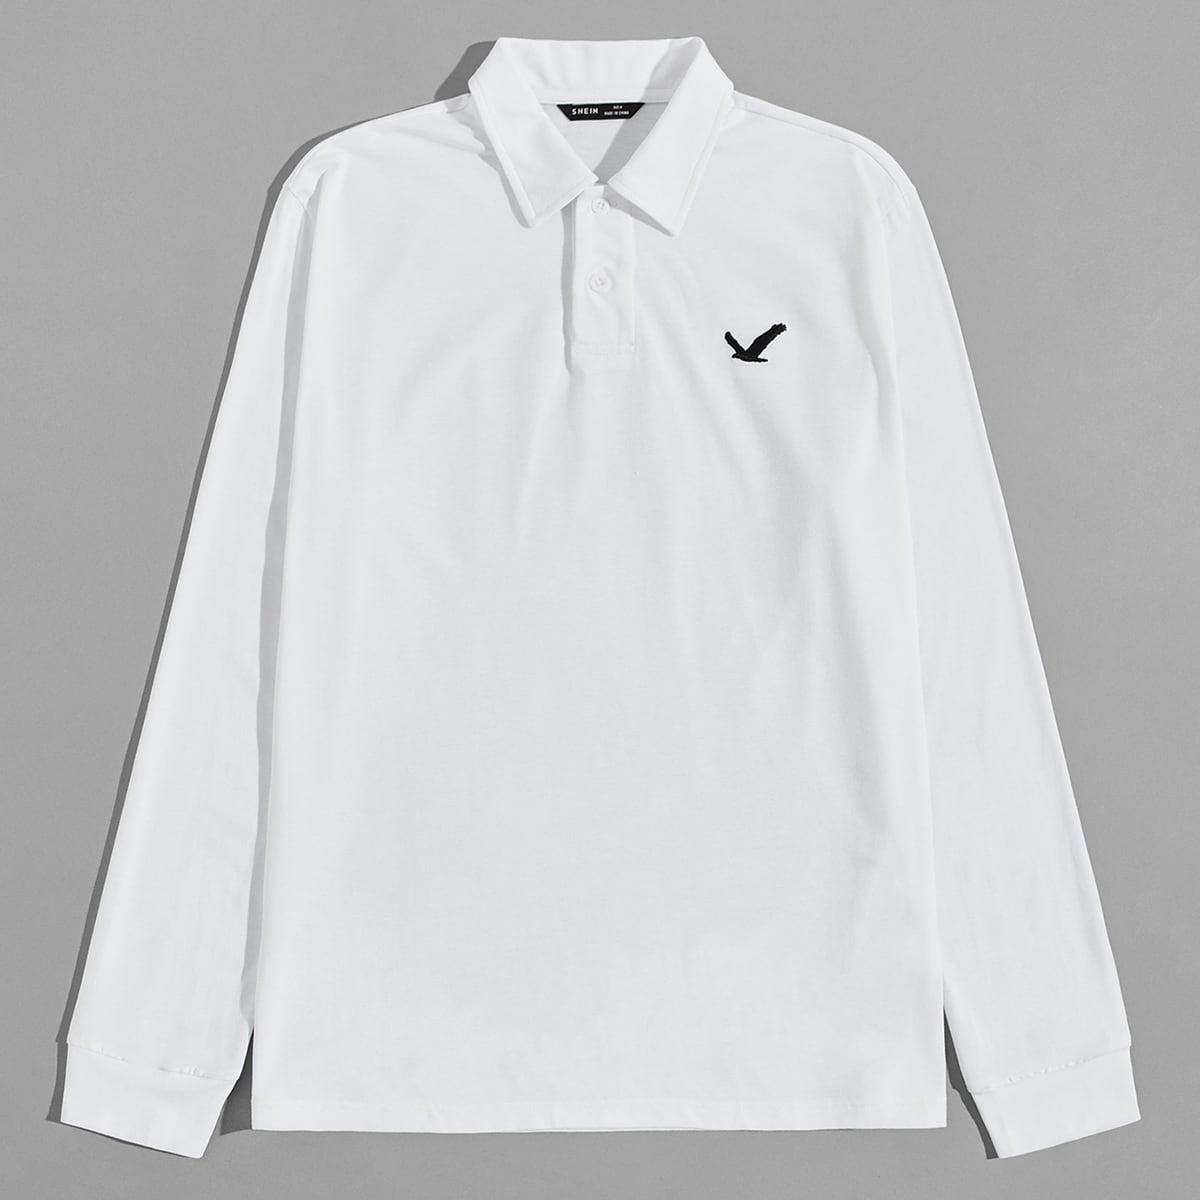 Мужская рубашка-поло с принтом орла